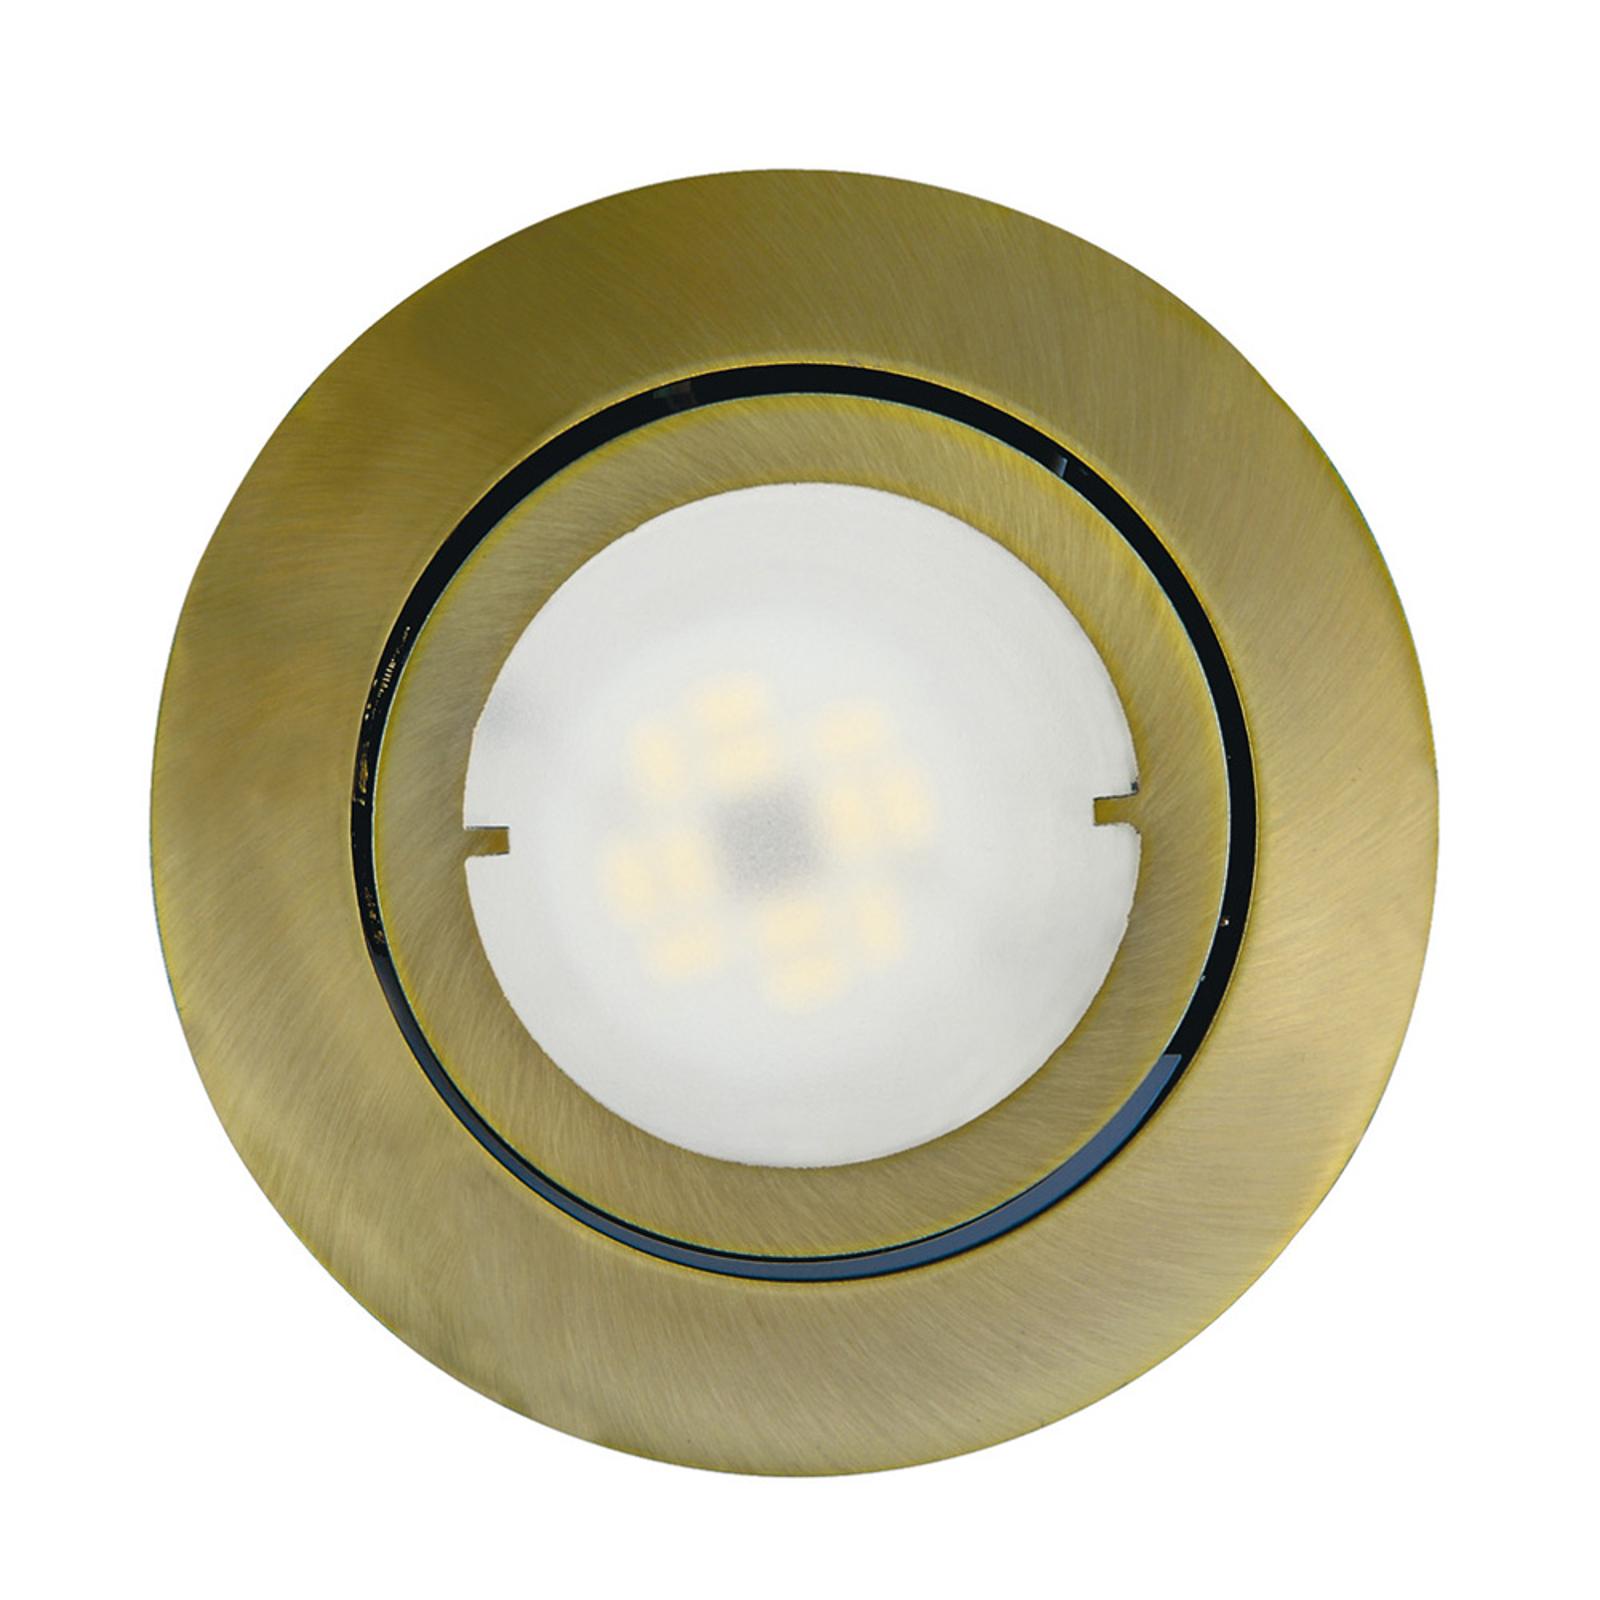 Käännettävä LED-uppovalaisin Joanie vanha messinki